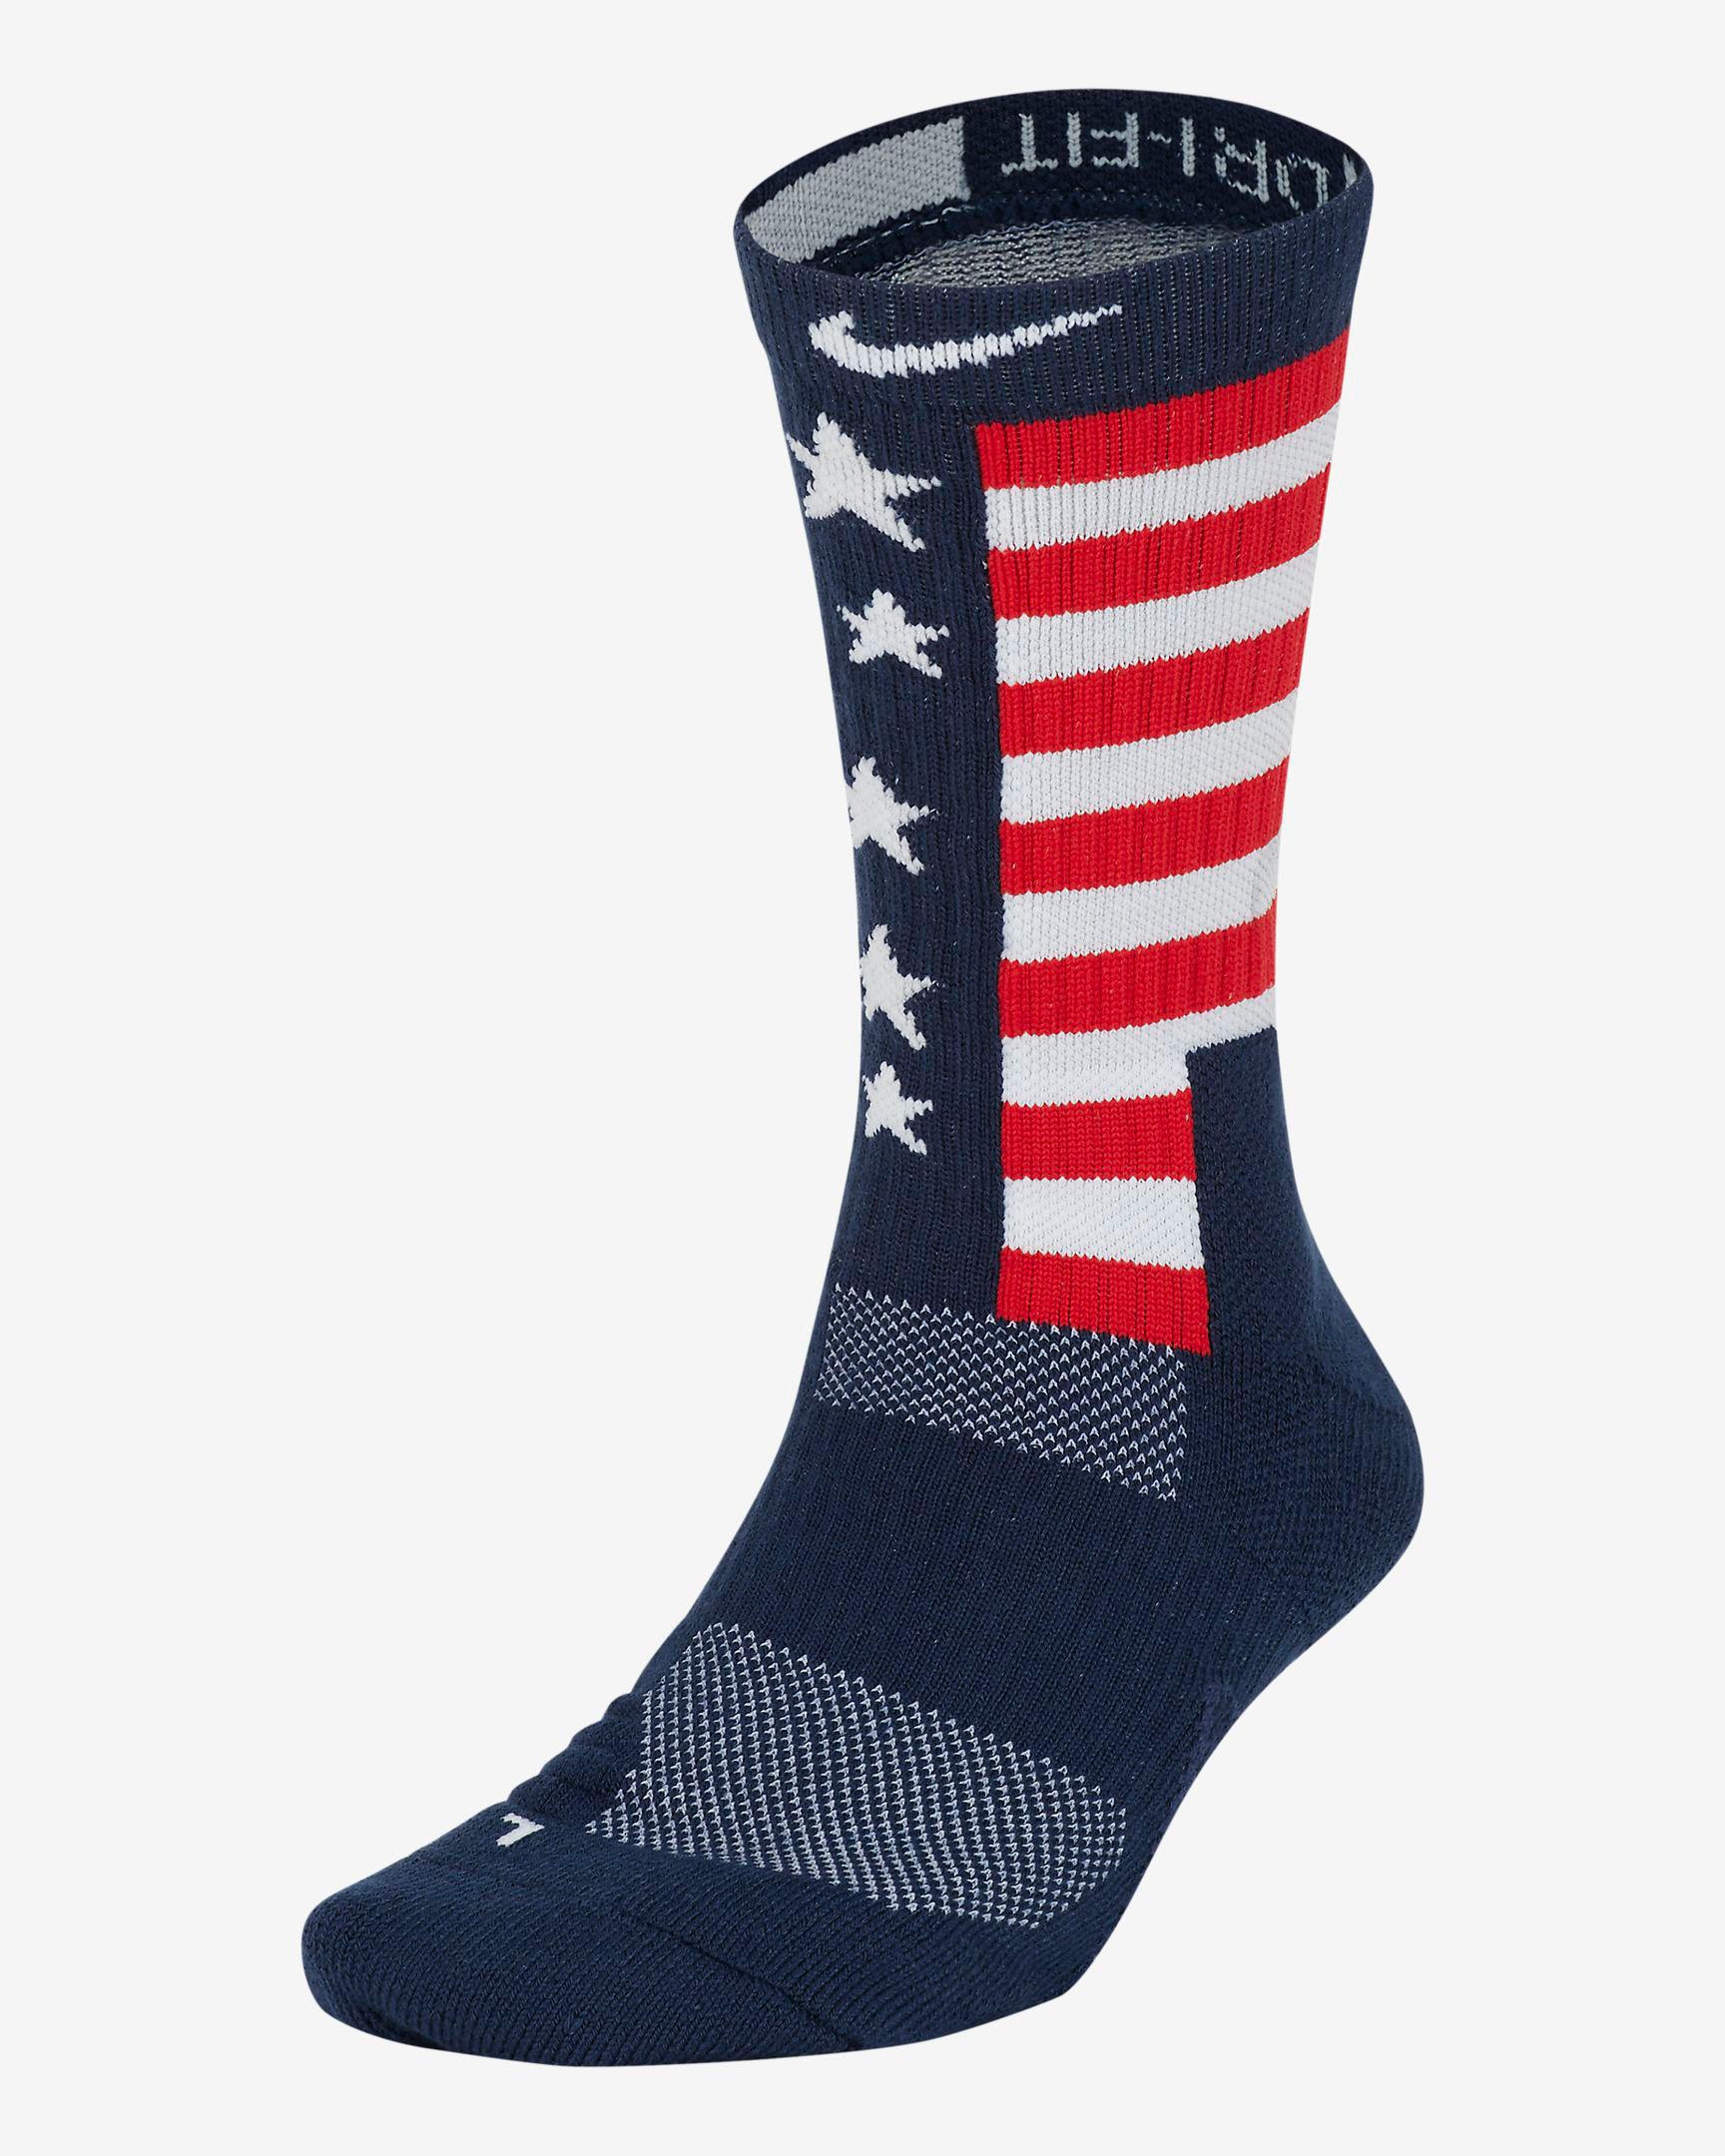 nike-usa-basketball-socks-1